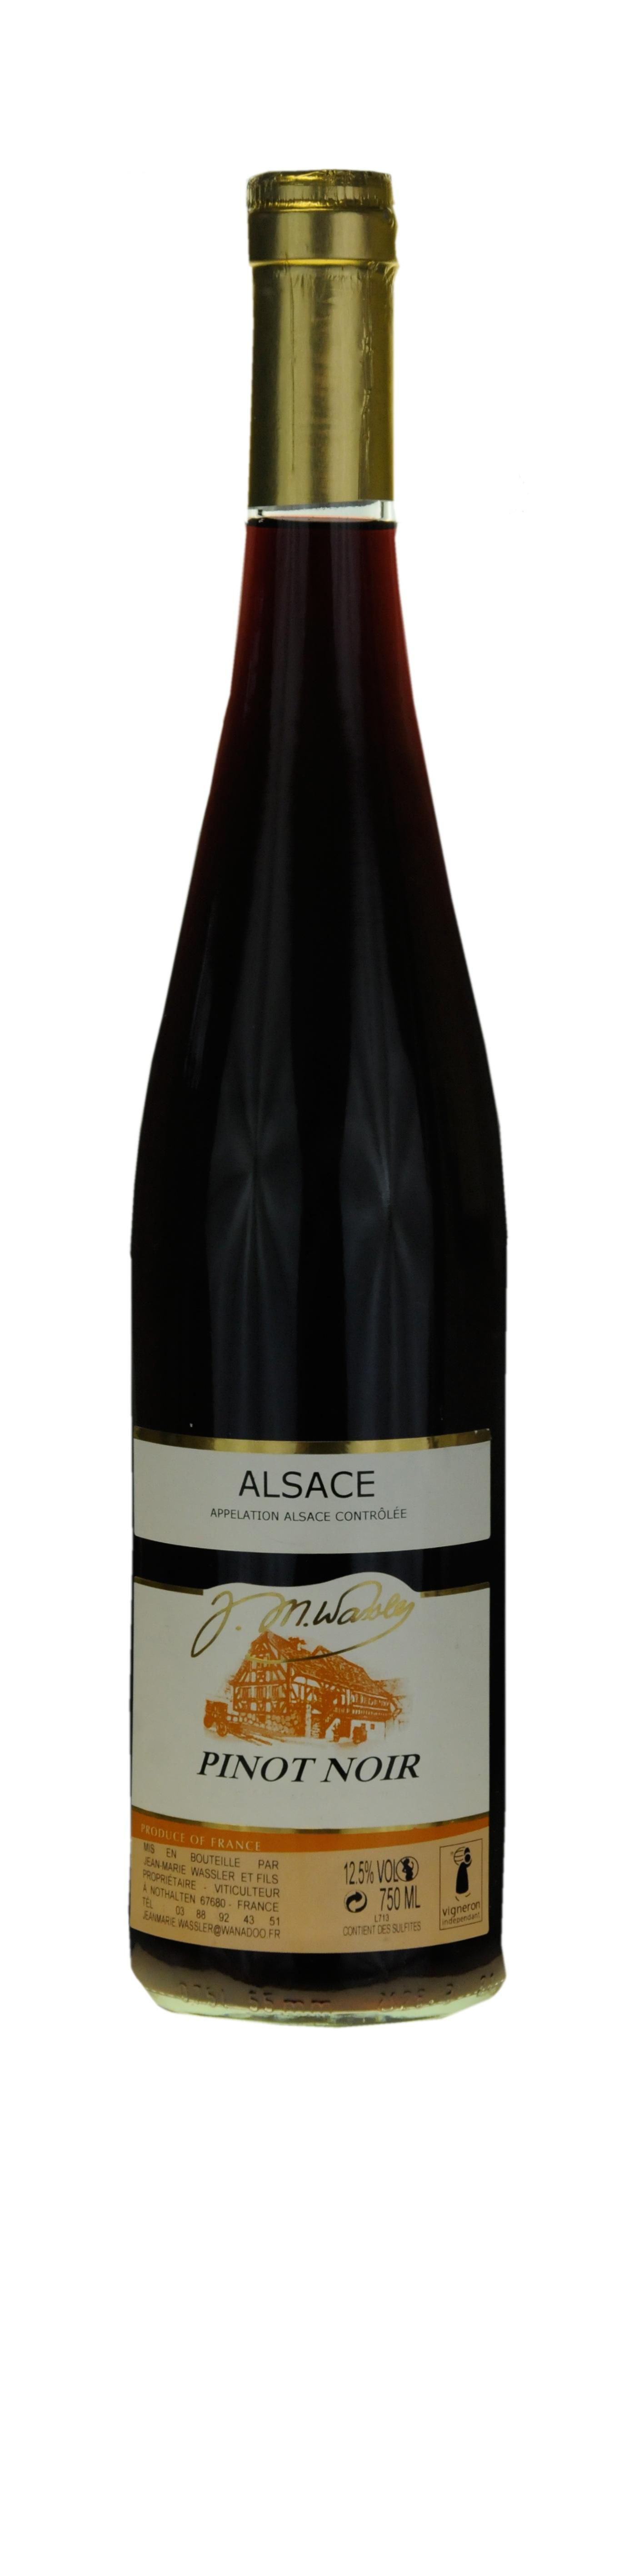 """Alsace Pinot Noir 2015Sélection """"Z"""" Guide Gilbert et Gaillard"""